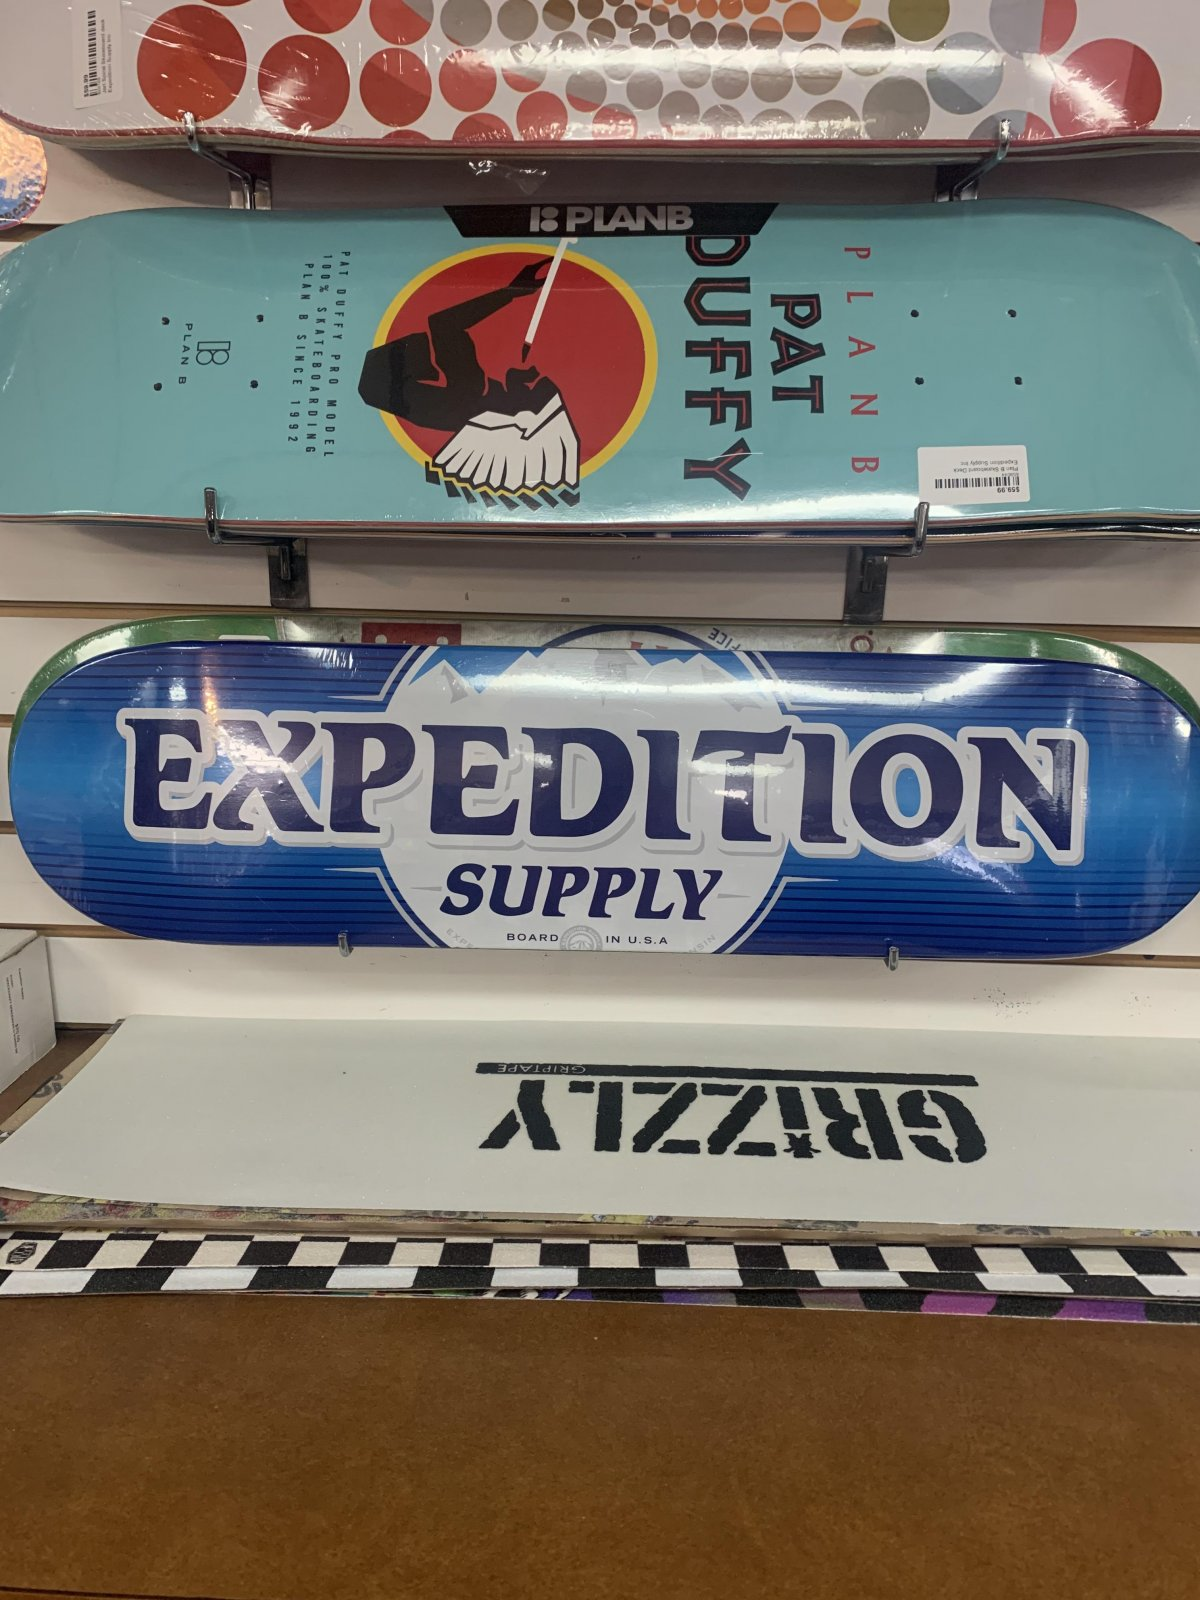 EXPEDITION BUSCH SKATE DECK